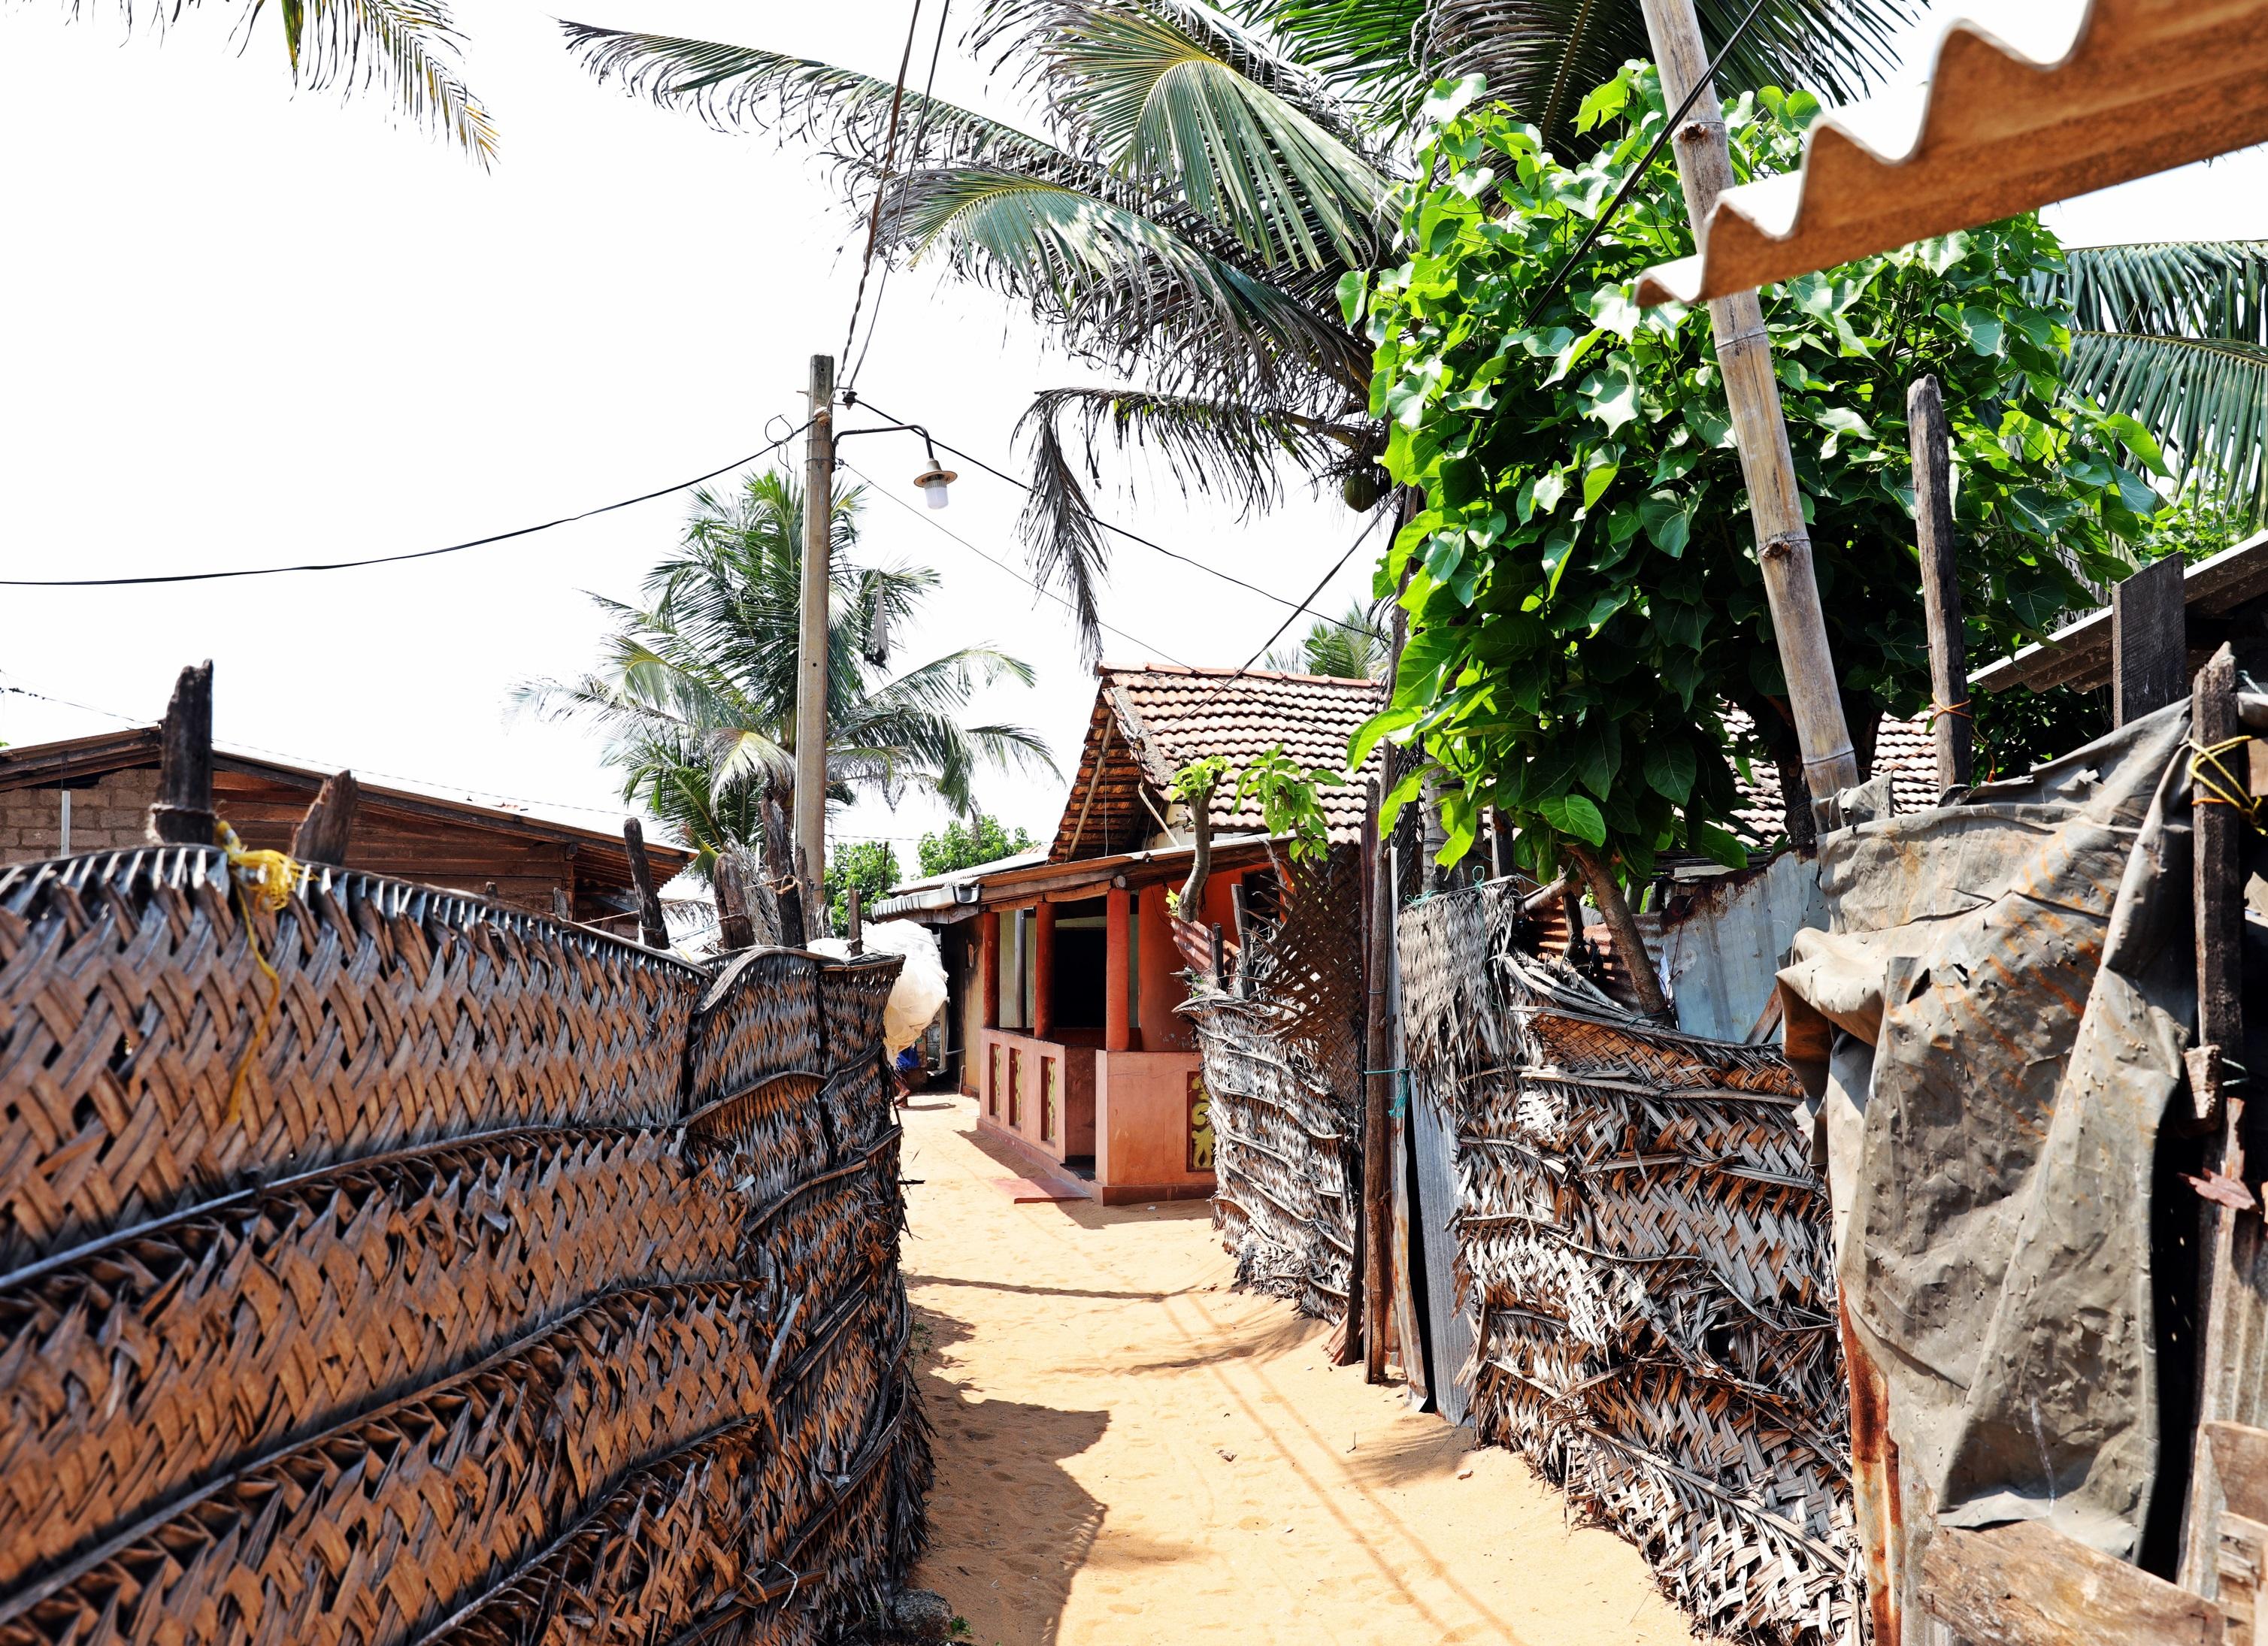 Fishermen's homes, Negombo Beach